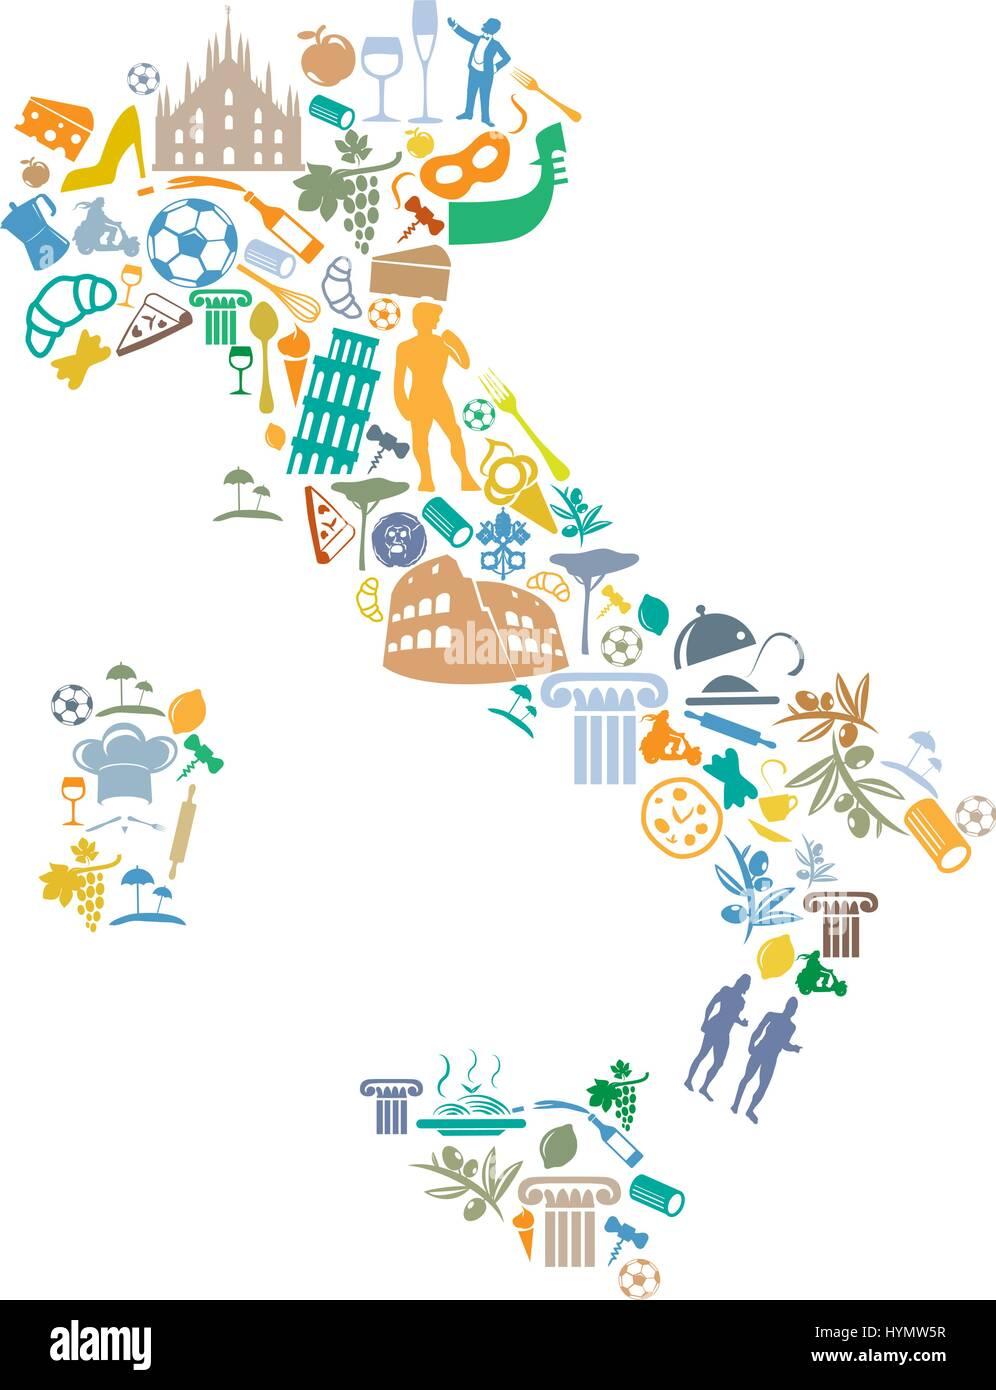 Italia Cartina Vettoriale.Mappa Italiana Con Silhouette Il Set Di Simboli Immagine E Vettoriale Alamy